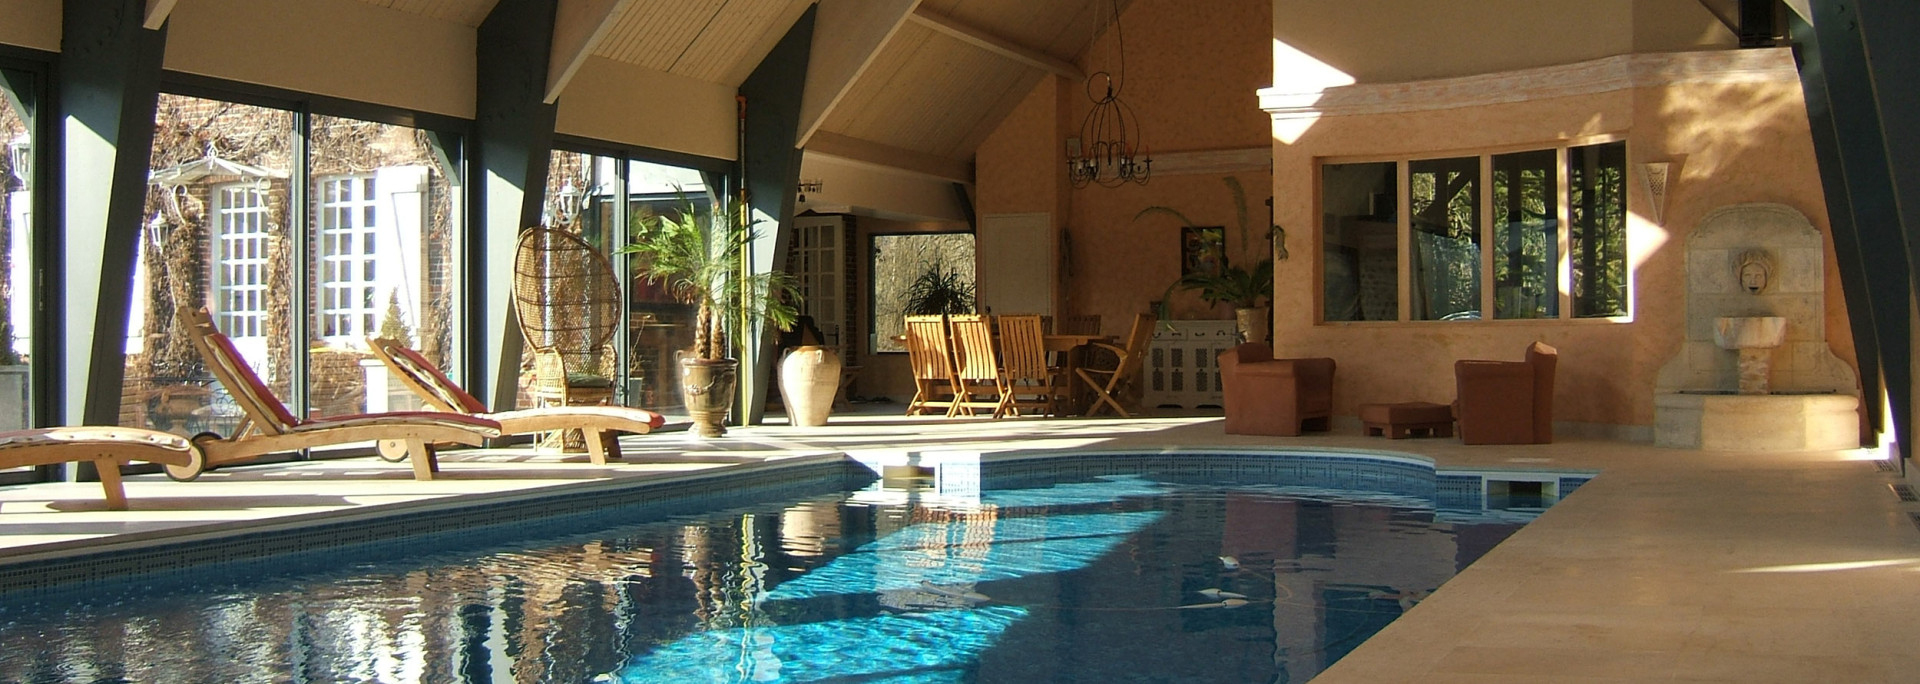 Normandie Piscines : Construction, Rénovation Et Entretien ... à Hotel Avec Piscine Normandie